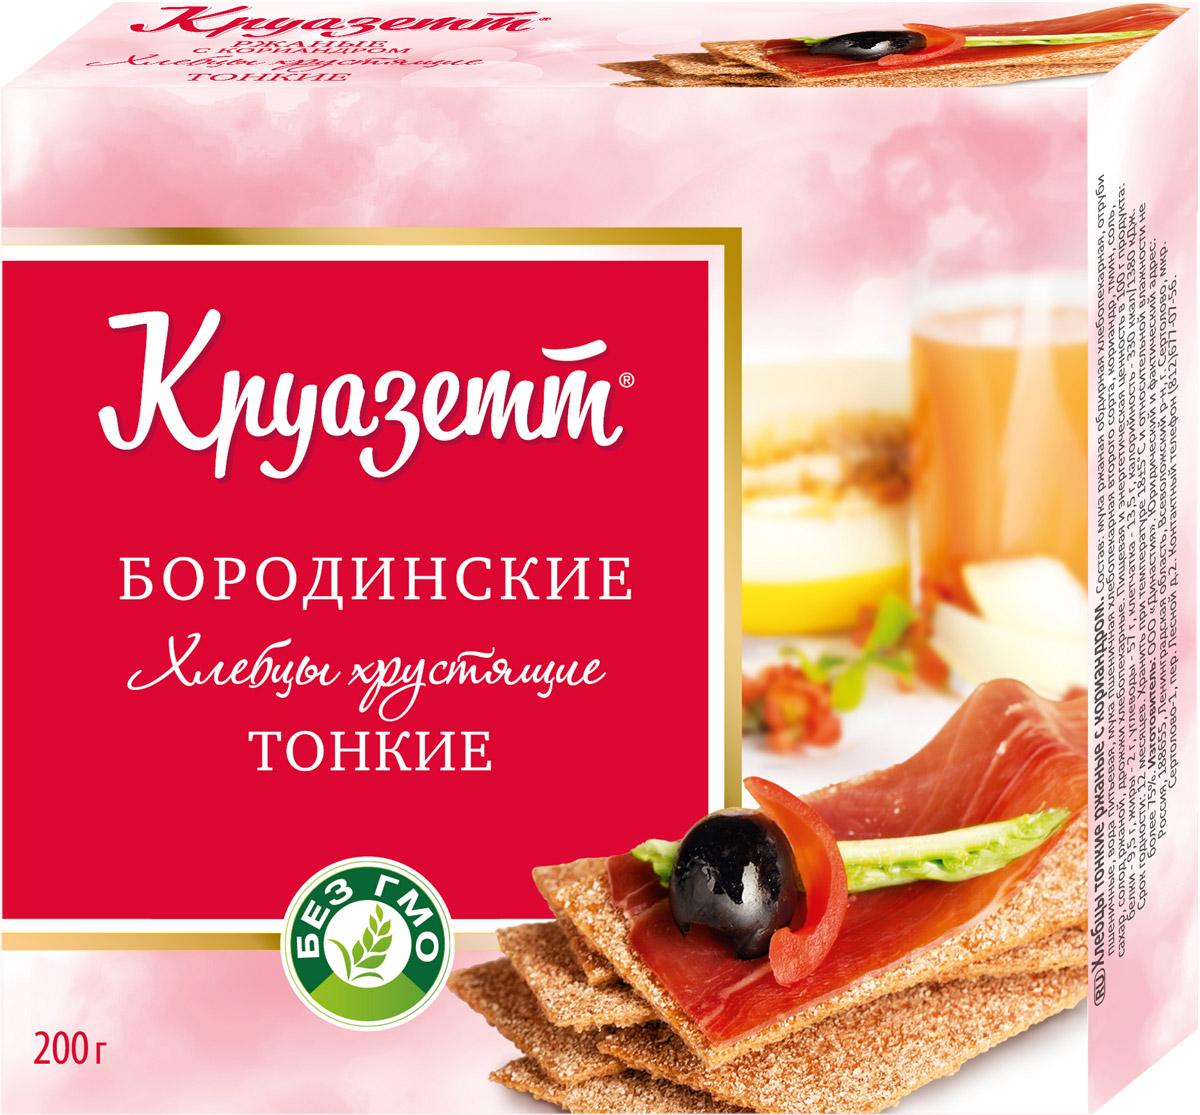 Круазетт хлебцы тонкие бородинские, 200 г